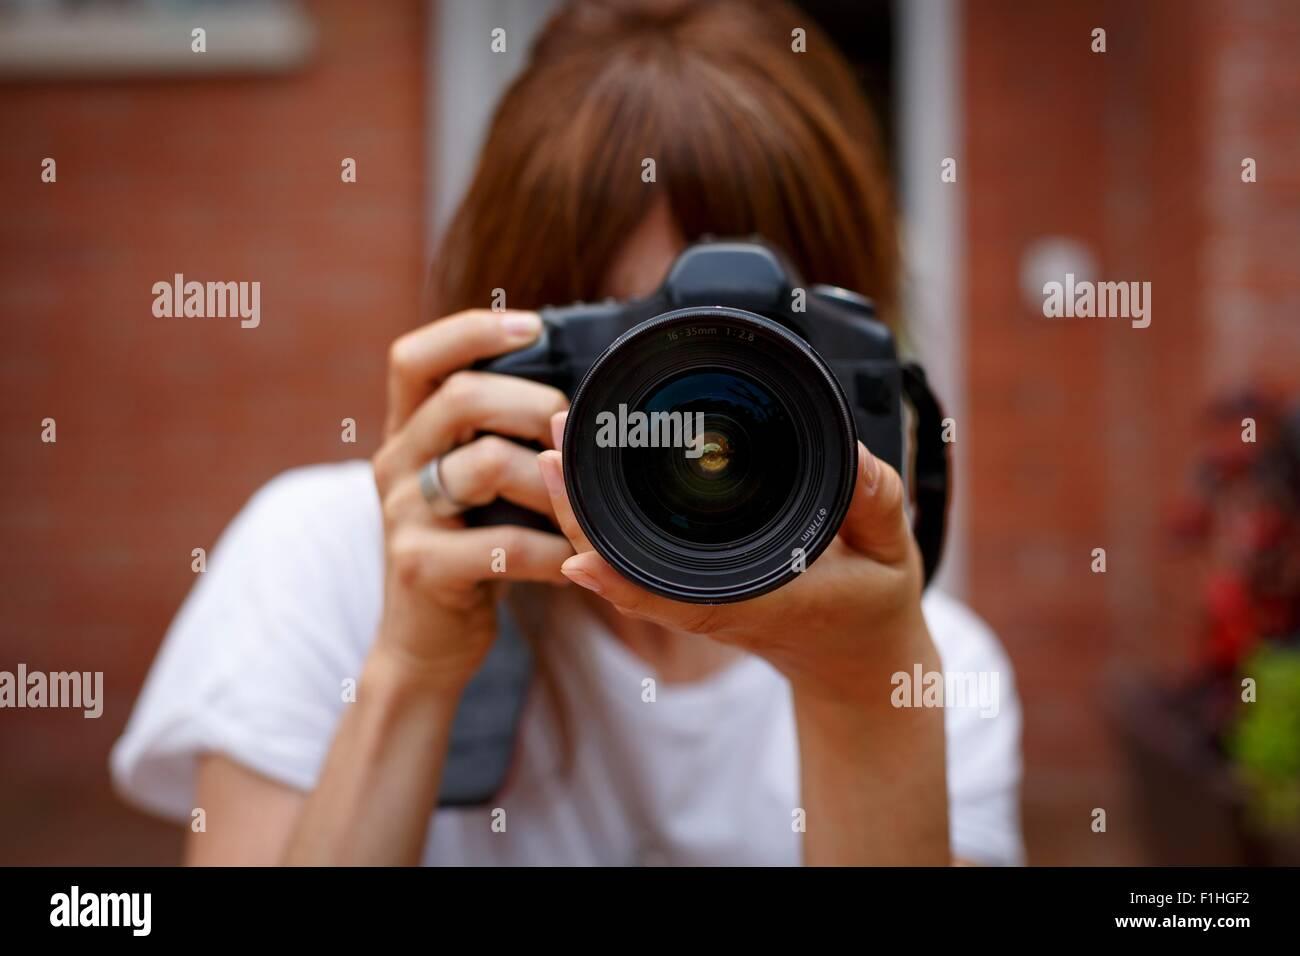 Mitte Erwachsene Frau mit Digitalkamera, Gesicht verdeckt Stockfoto